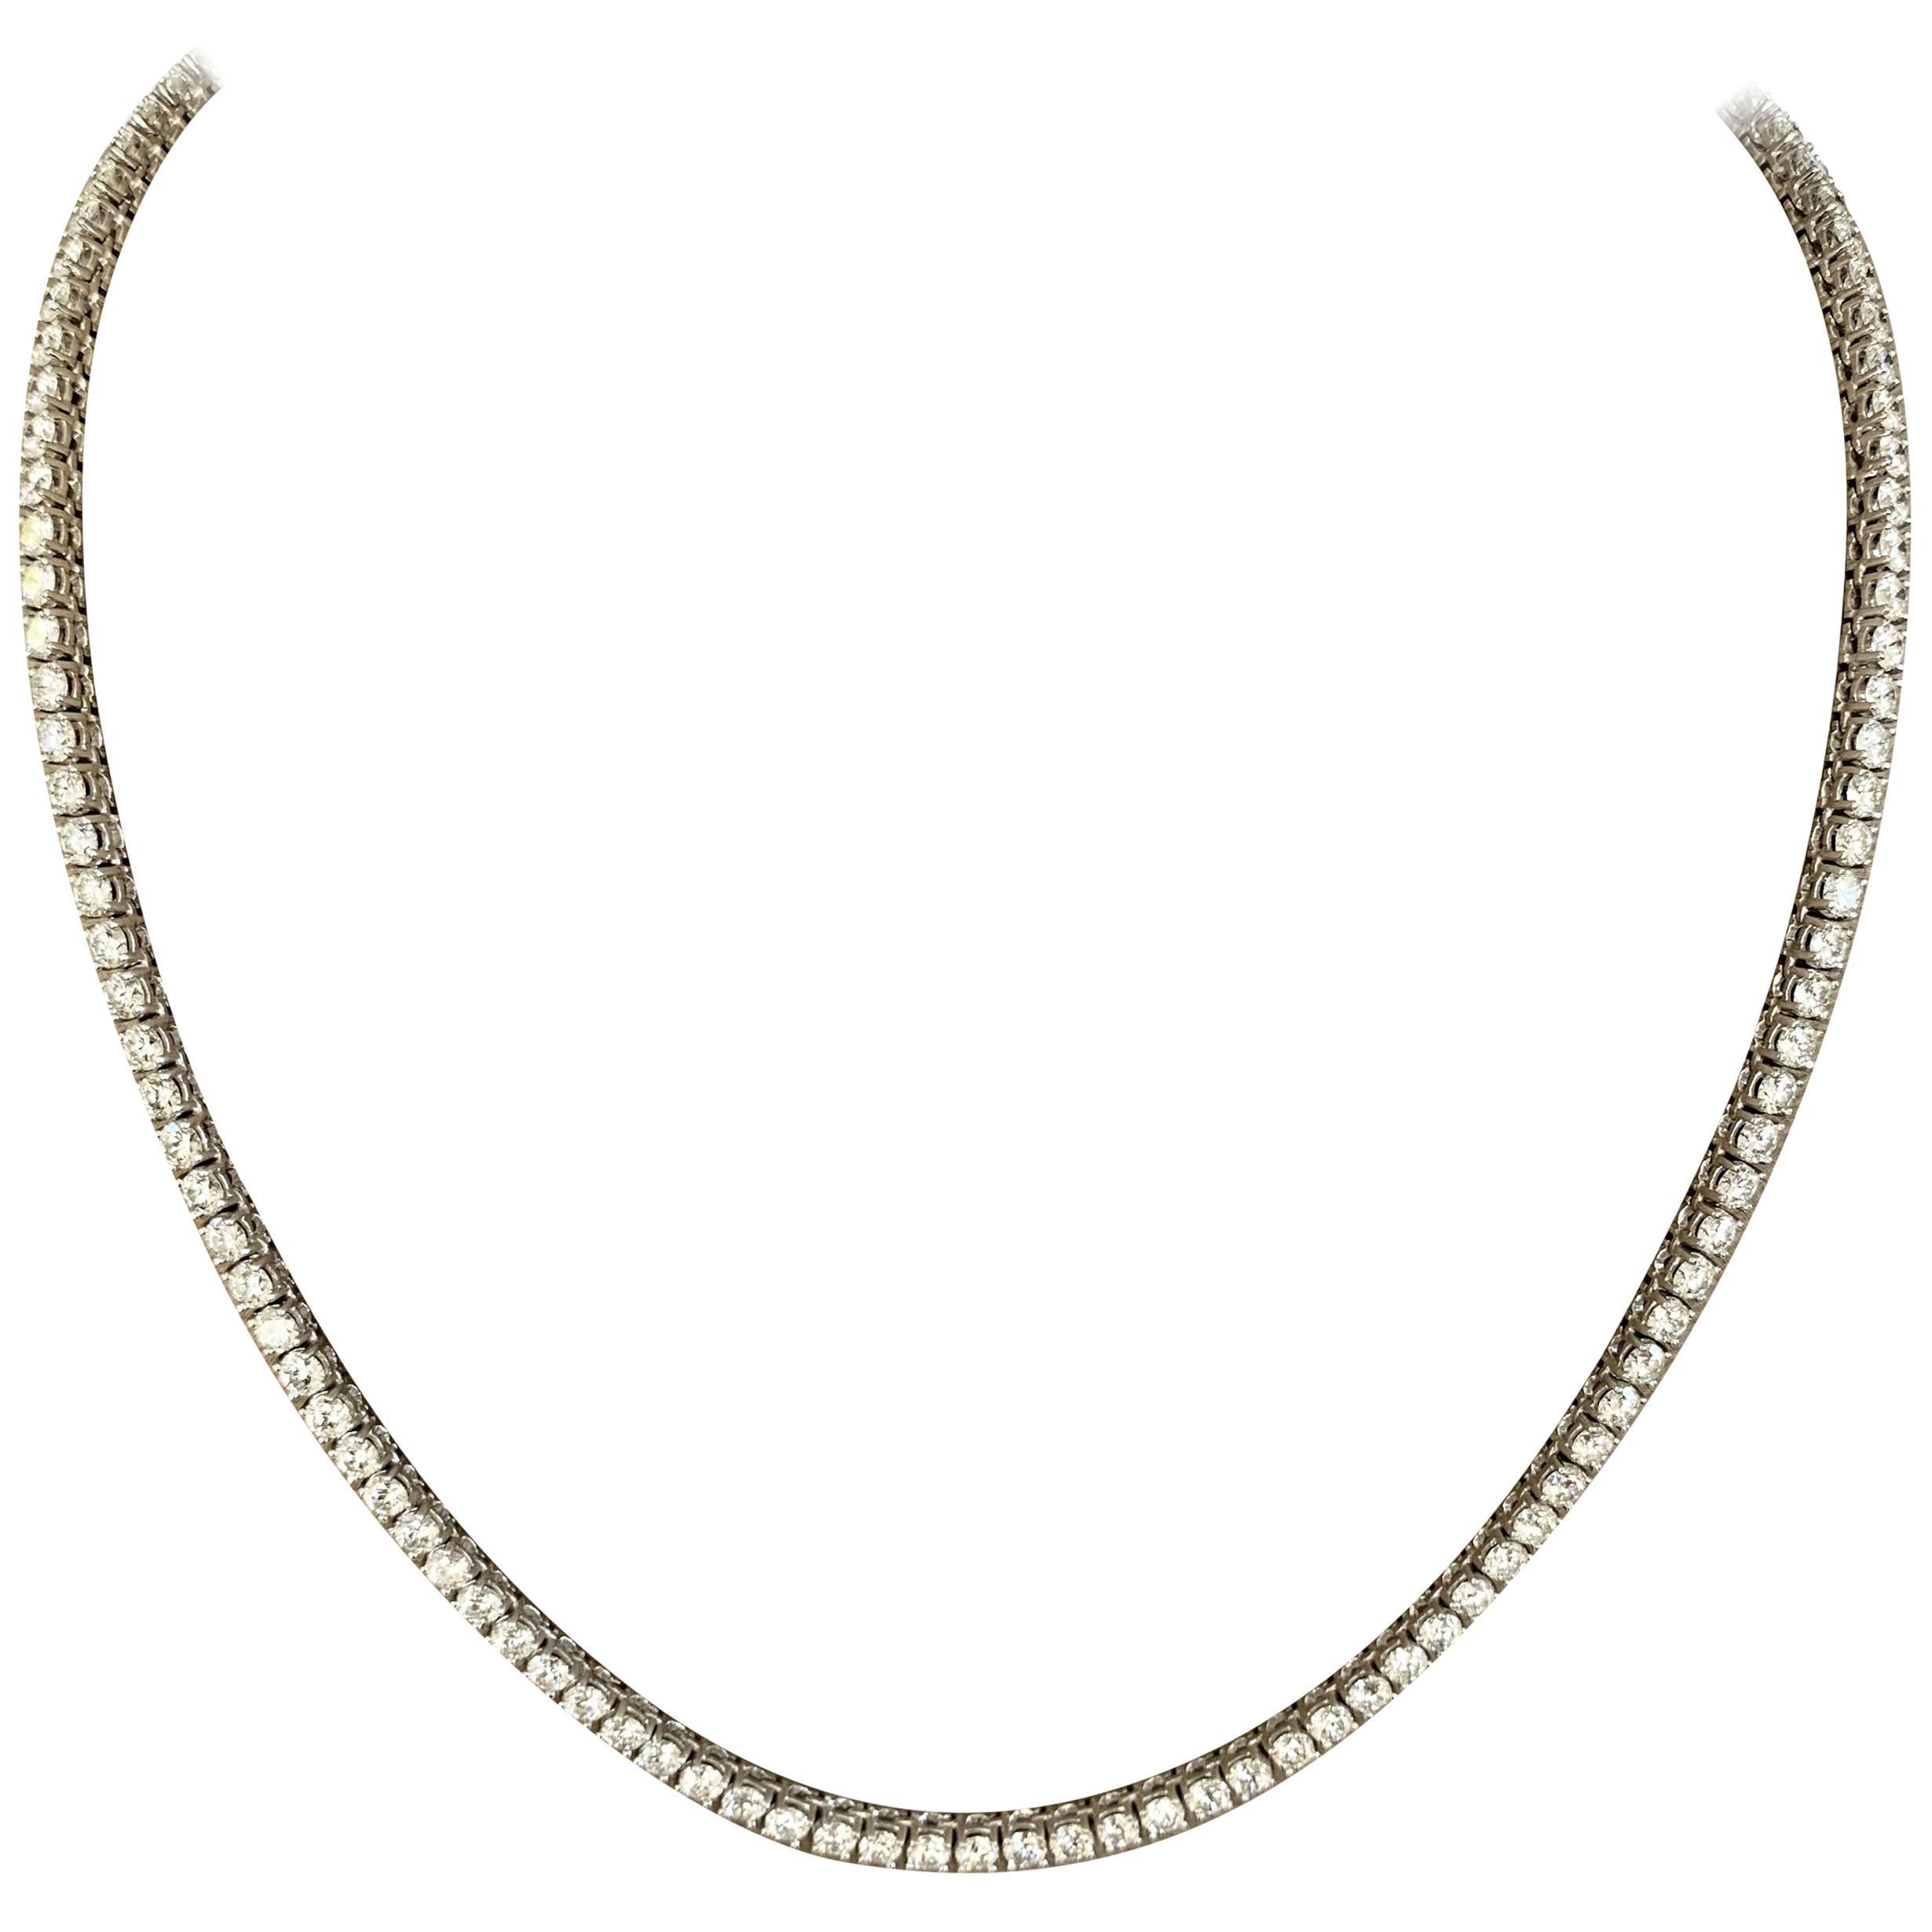 Diamond Rivière Necklace by Bucherer